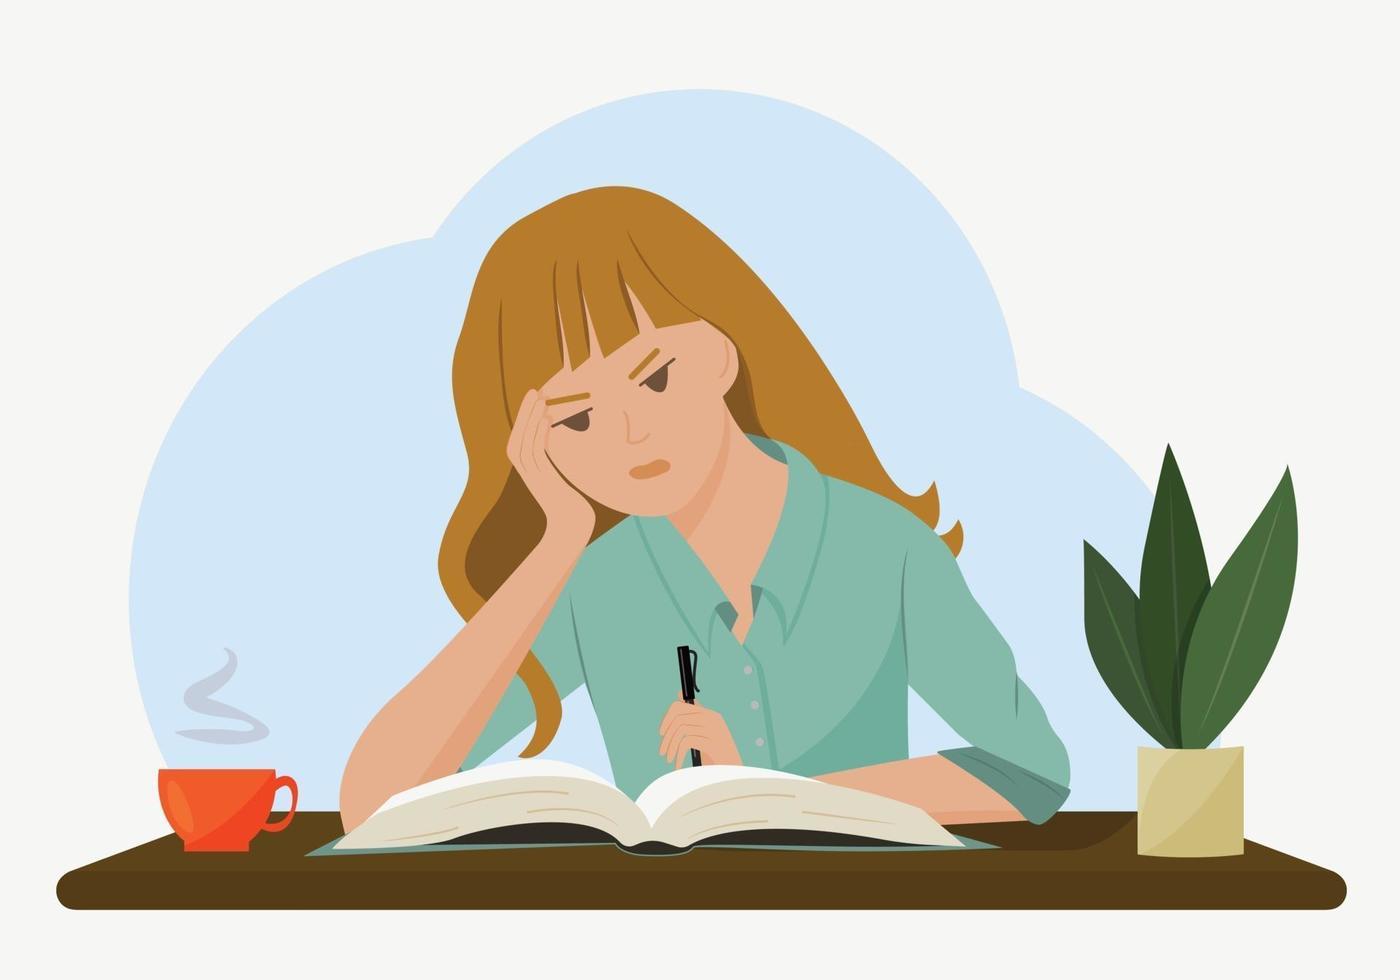 vektorillustration av en flicka vid ett skrivbord. studenten funderade på att göra sina läxor. begreppet tunga, omöjliga läxor. ritning i platt stil. vektor